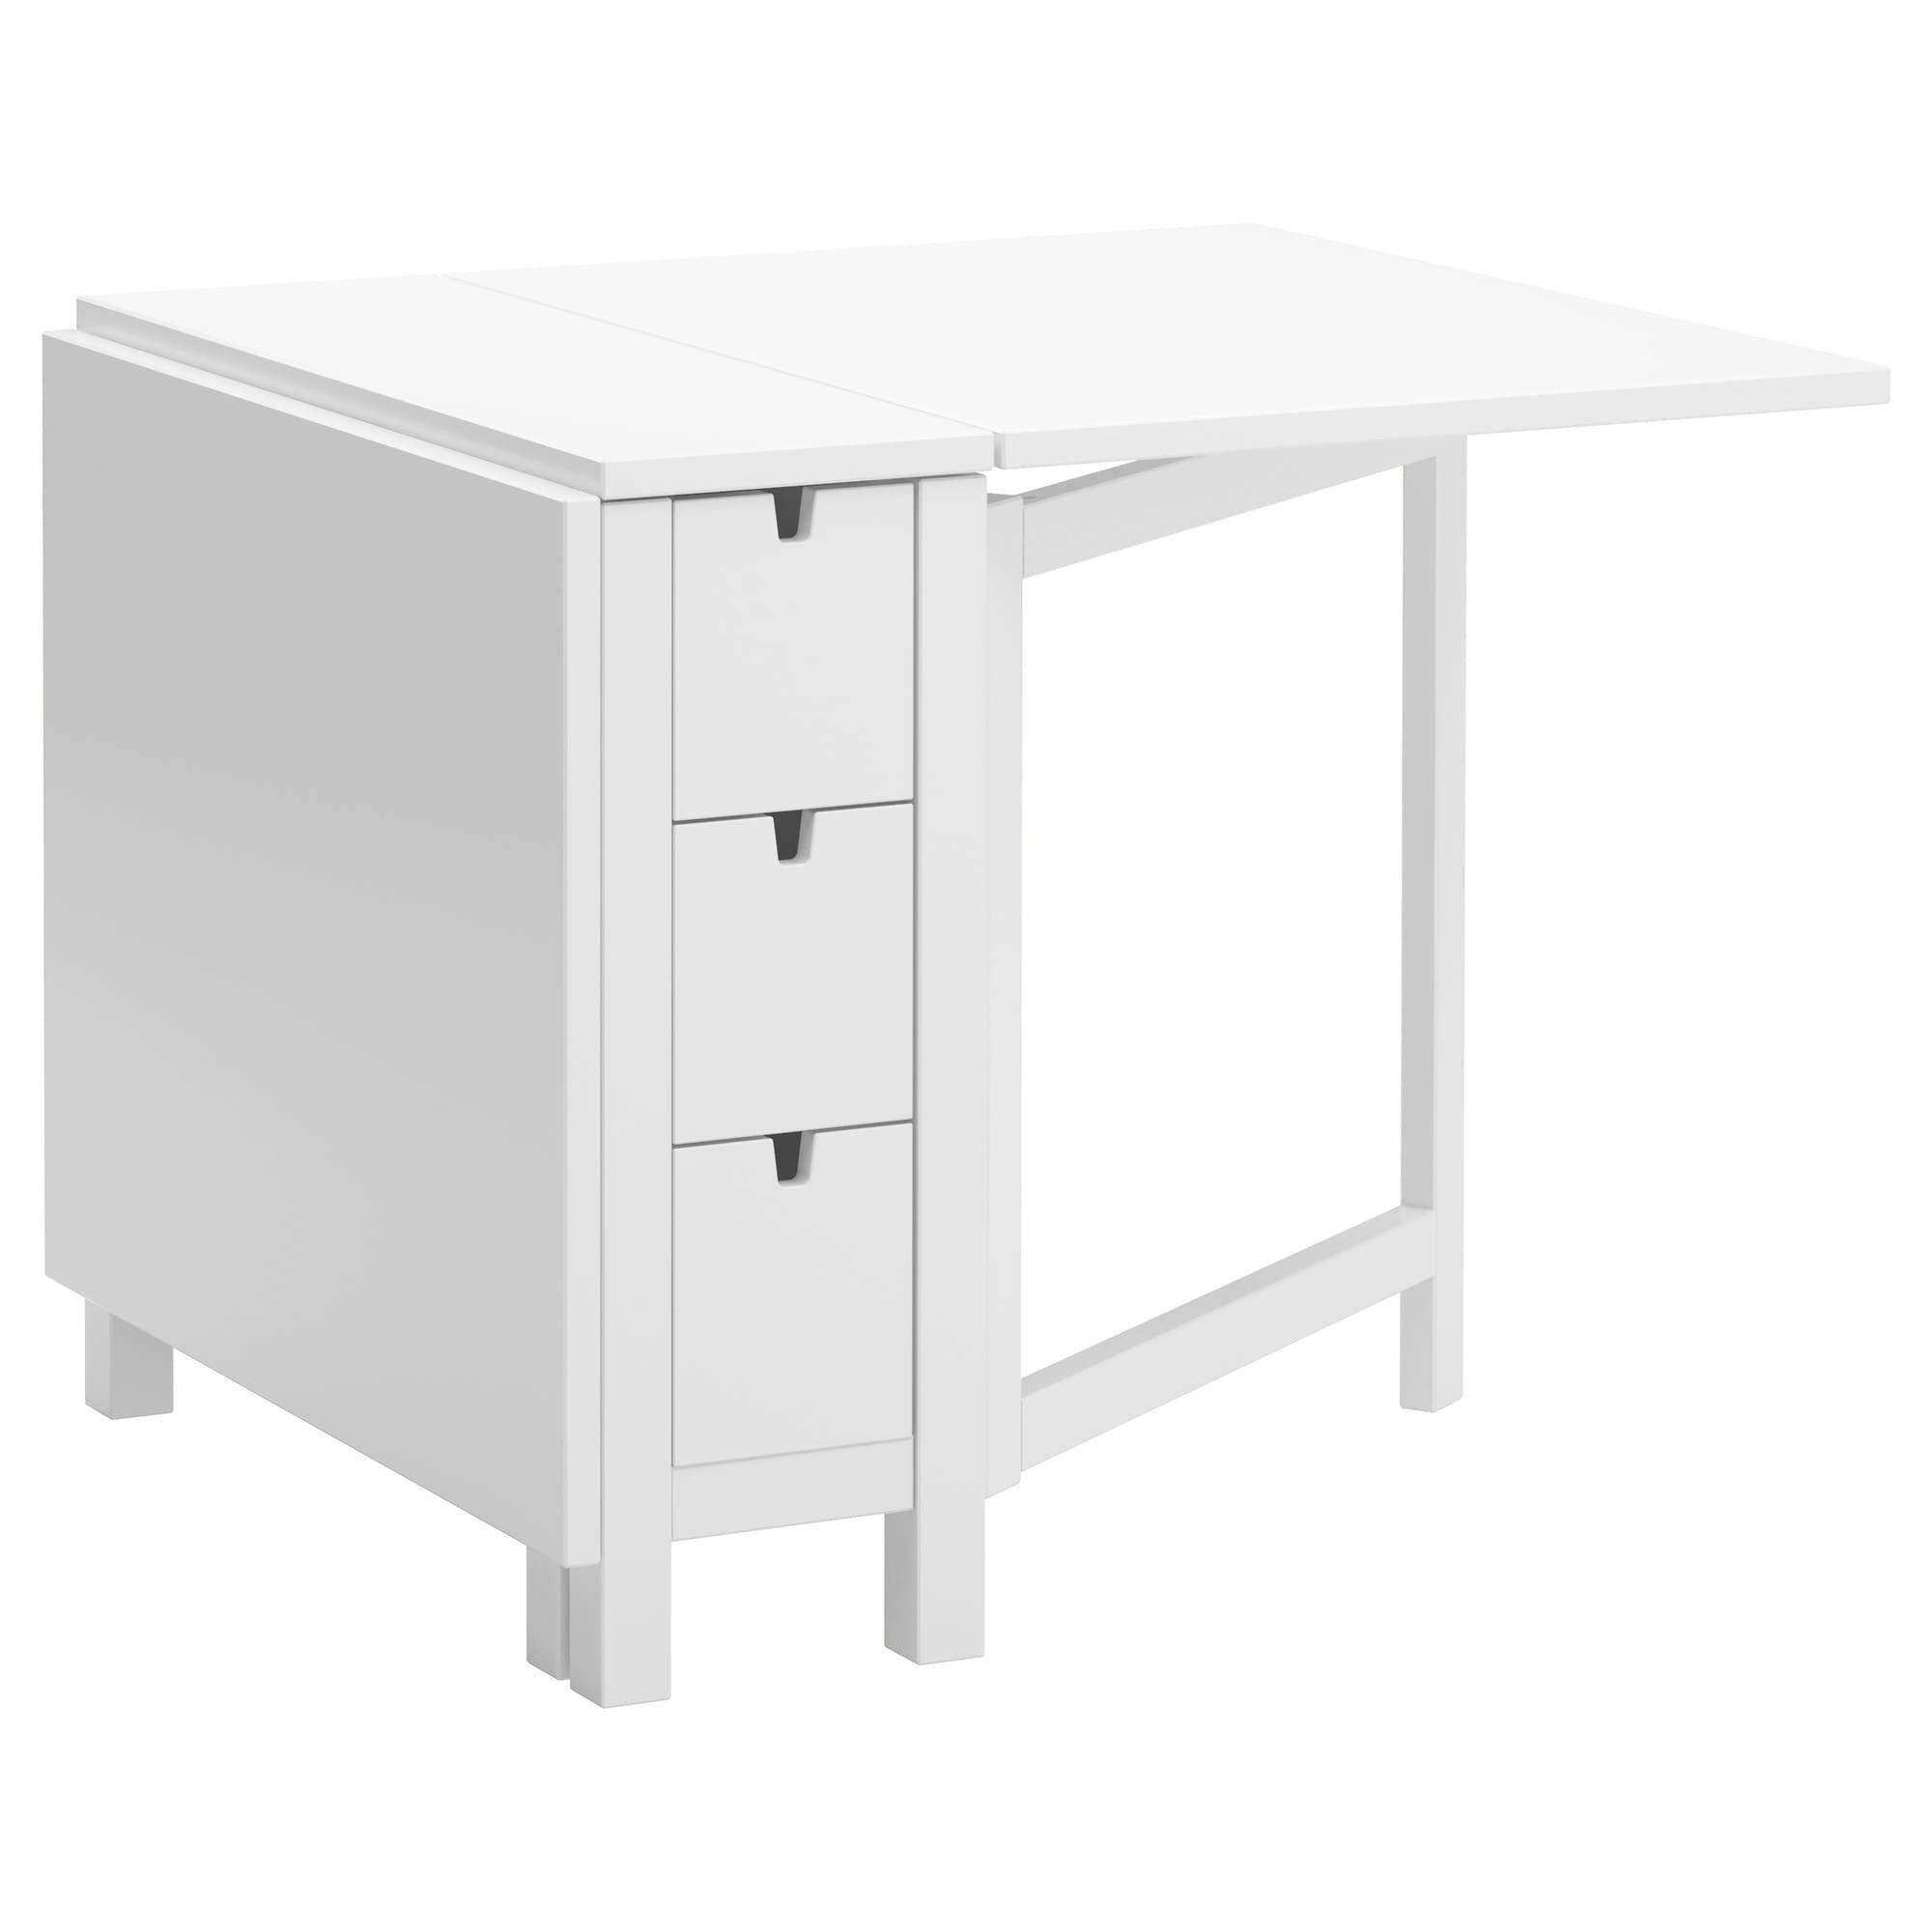 Mesa Libro Ikea Qwdq Mesas Plegables Extensibles Pra Online Ikea